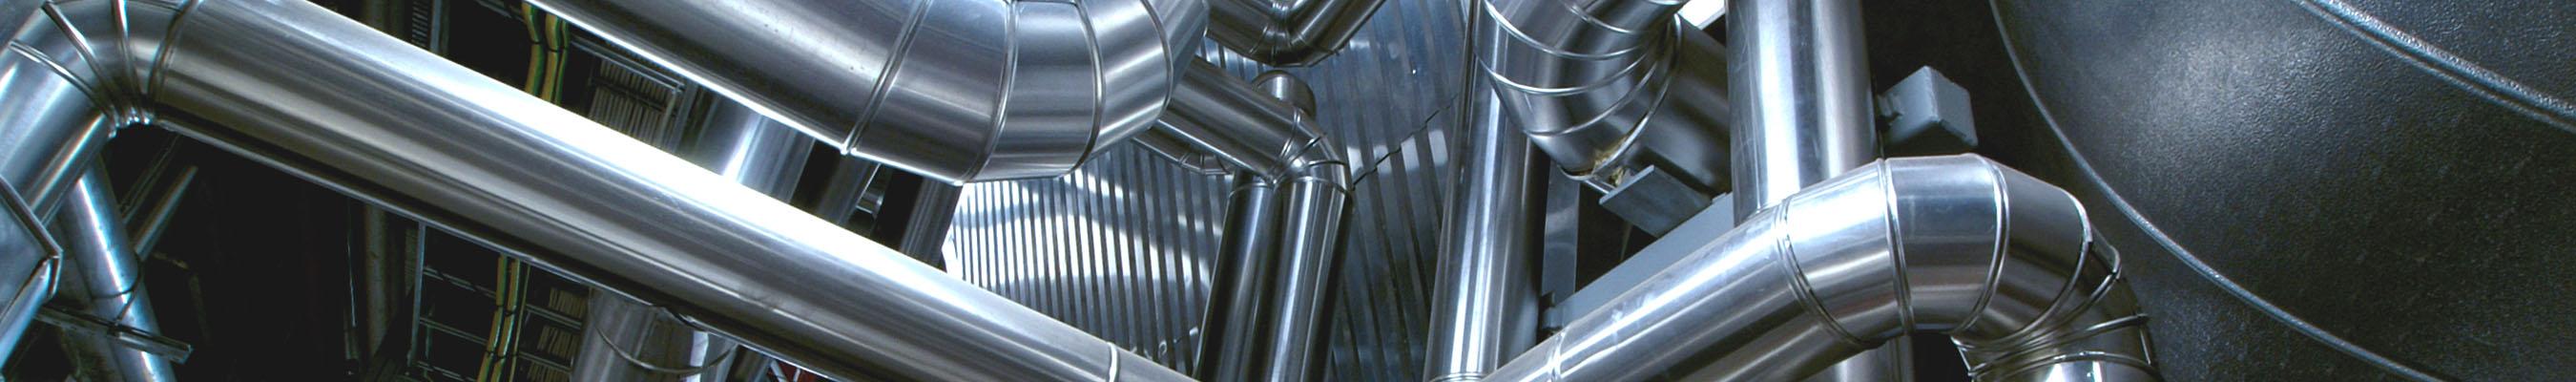 Wärmeschutz für Industrieanalge